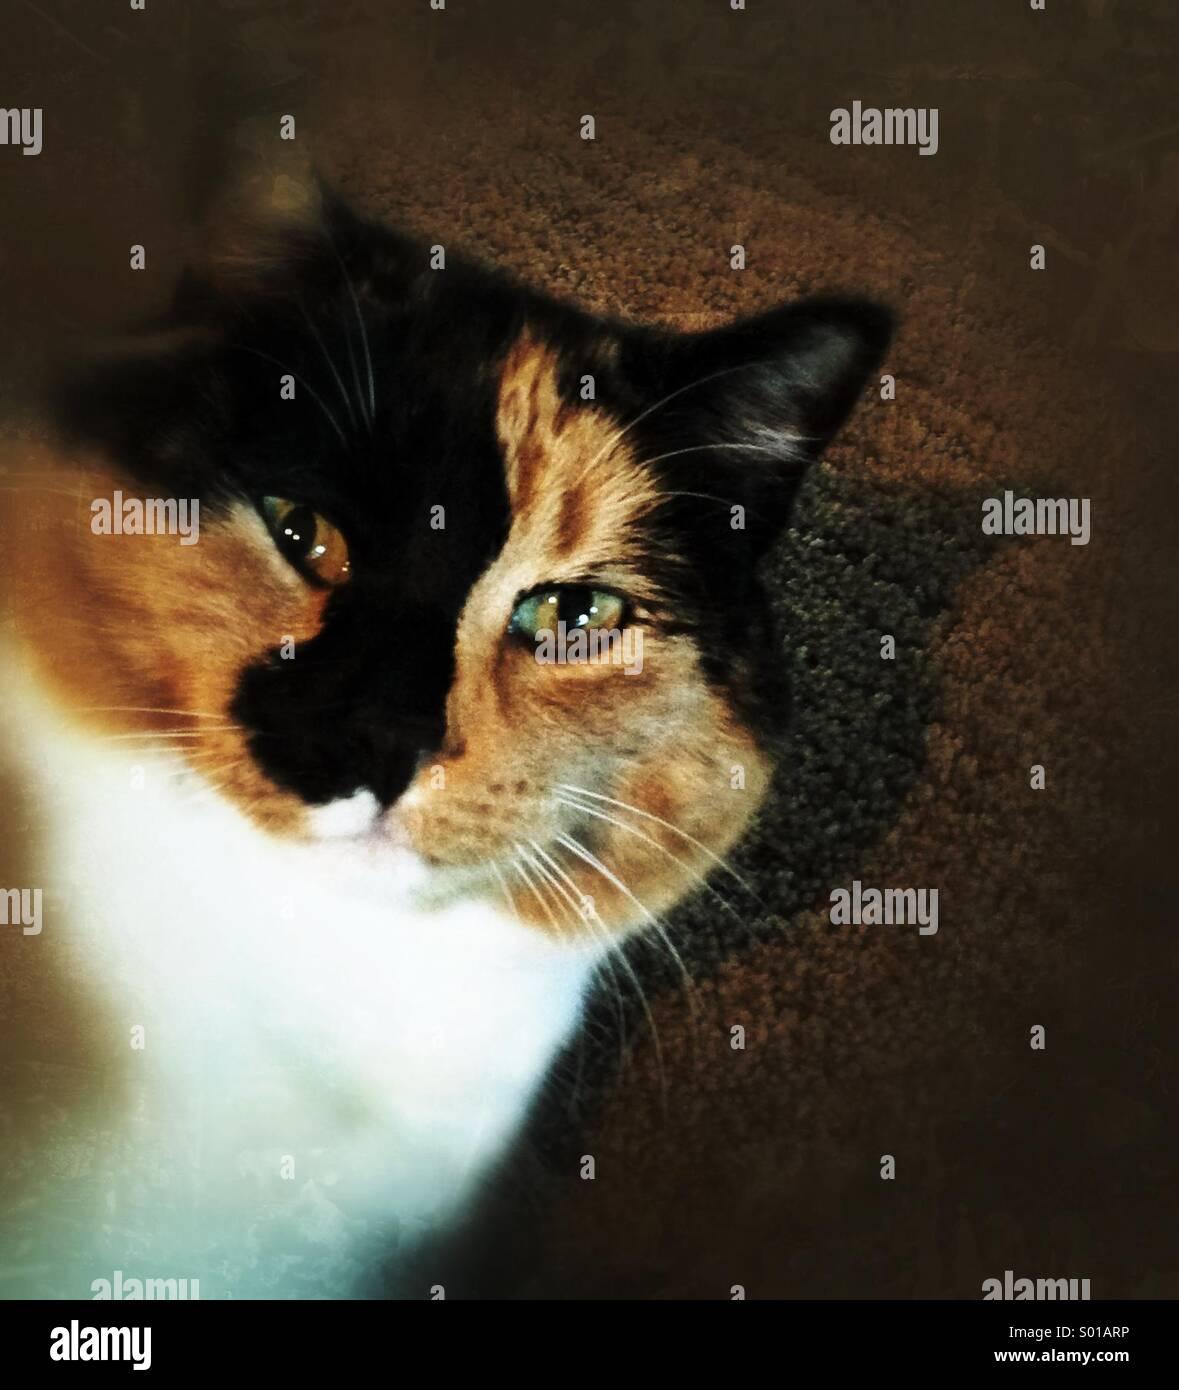 Una bella gatta calico. Foto Stock